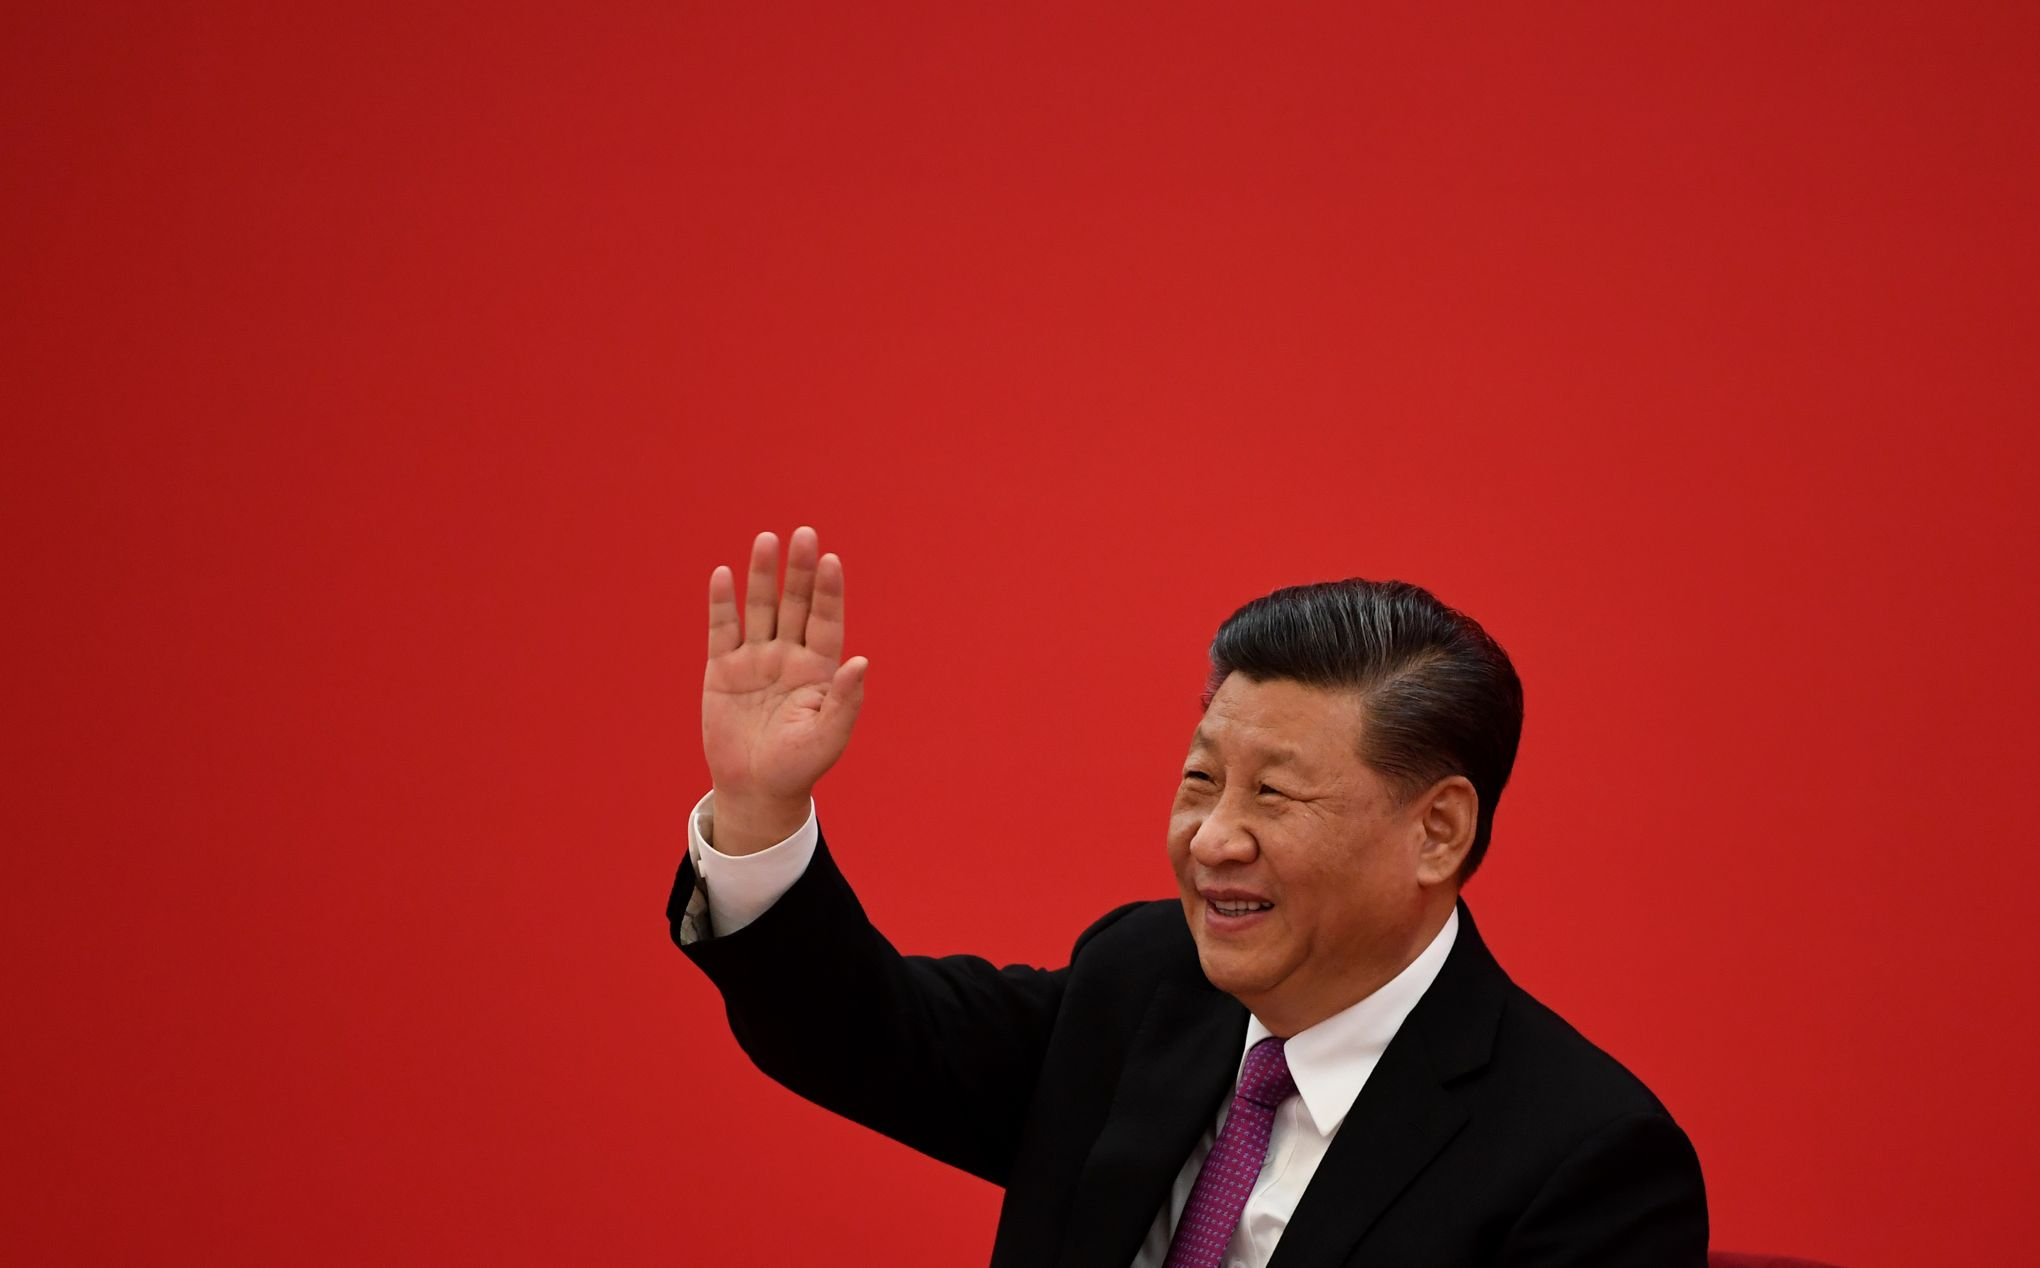 Droits de l'homme: «La Chine utilise son influence économique pour endormir les démocraties occidentales»